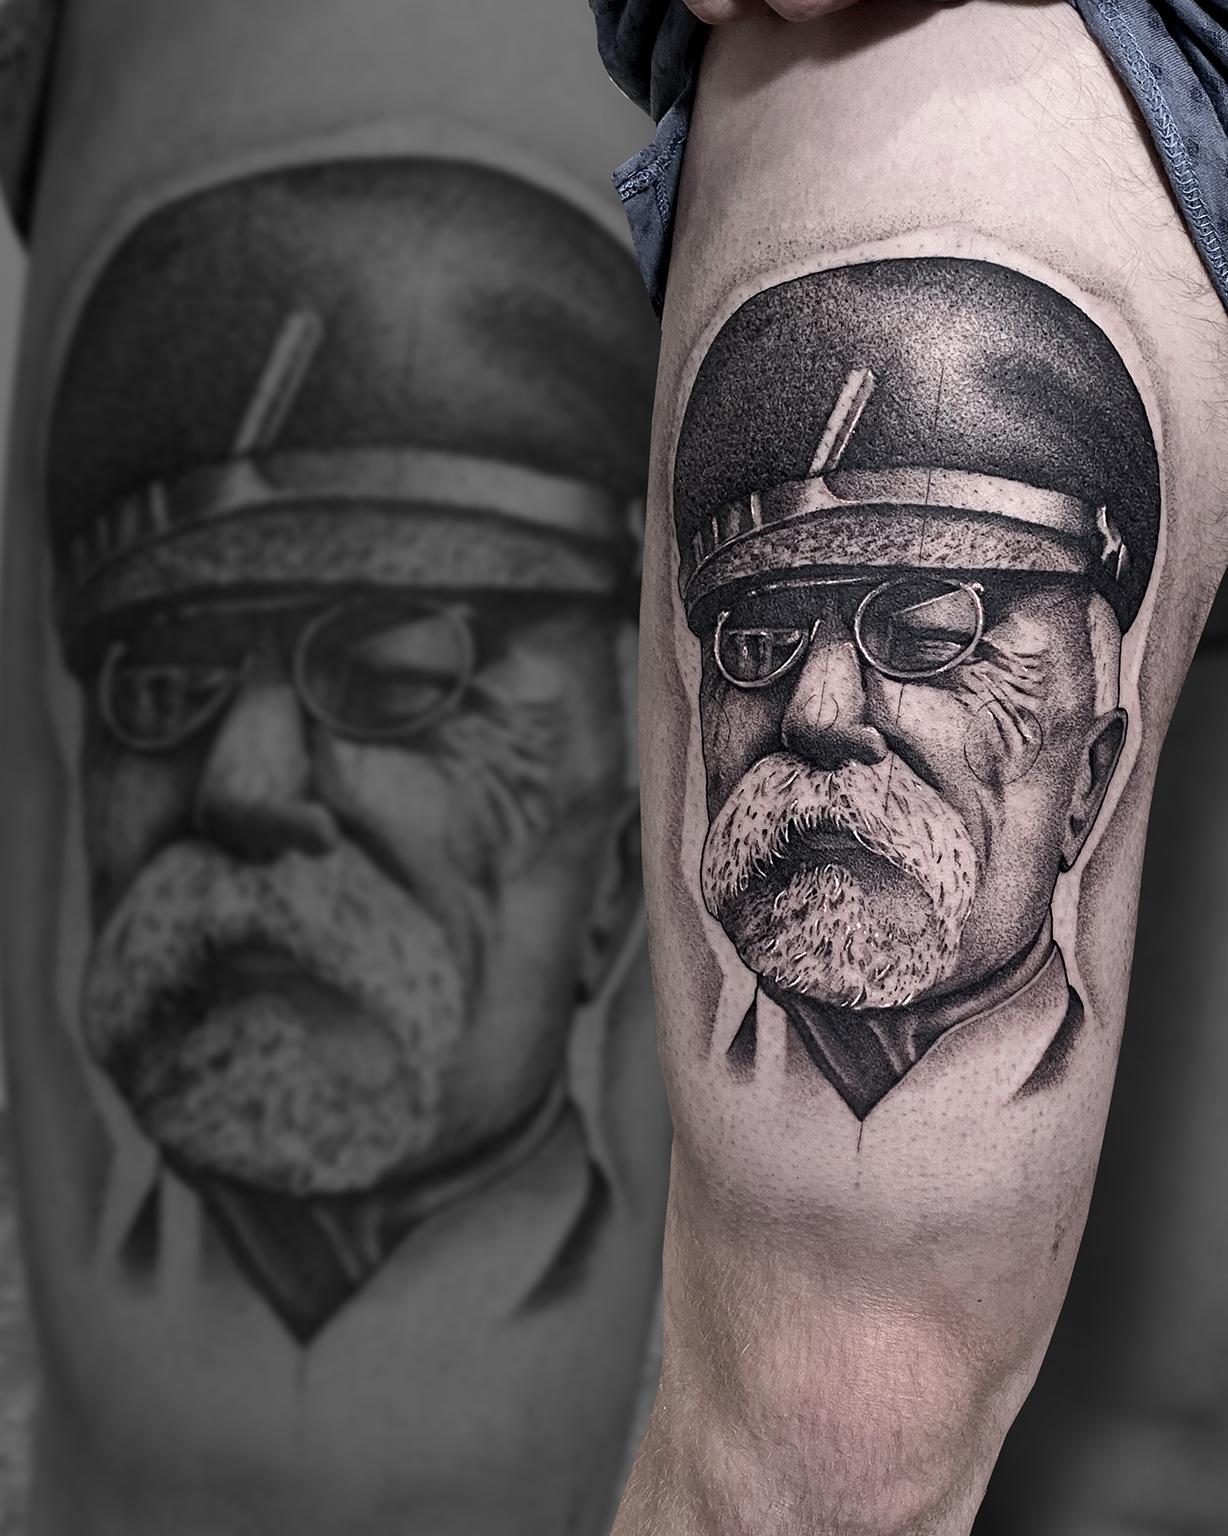 Tattoo Zincik - Tomáš Garrigue Masaryk